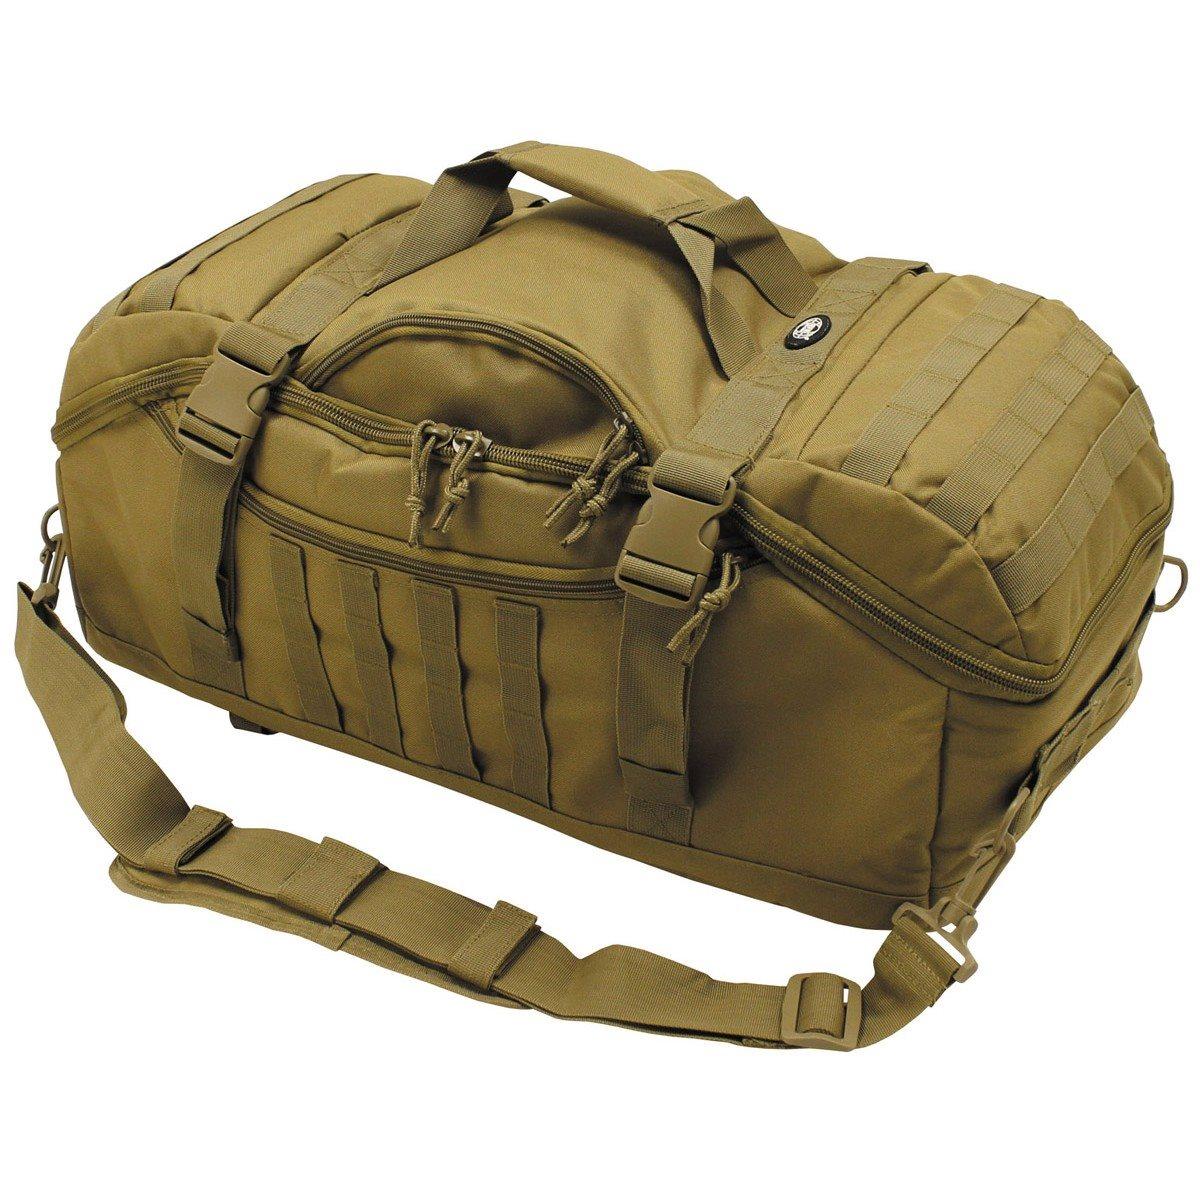 Taška kombinovaná s batohem TRAVEL MOLLE COYOTE - zvìtšit obrázek